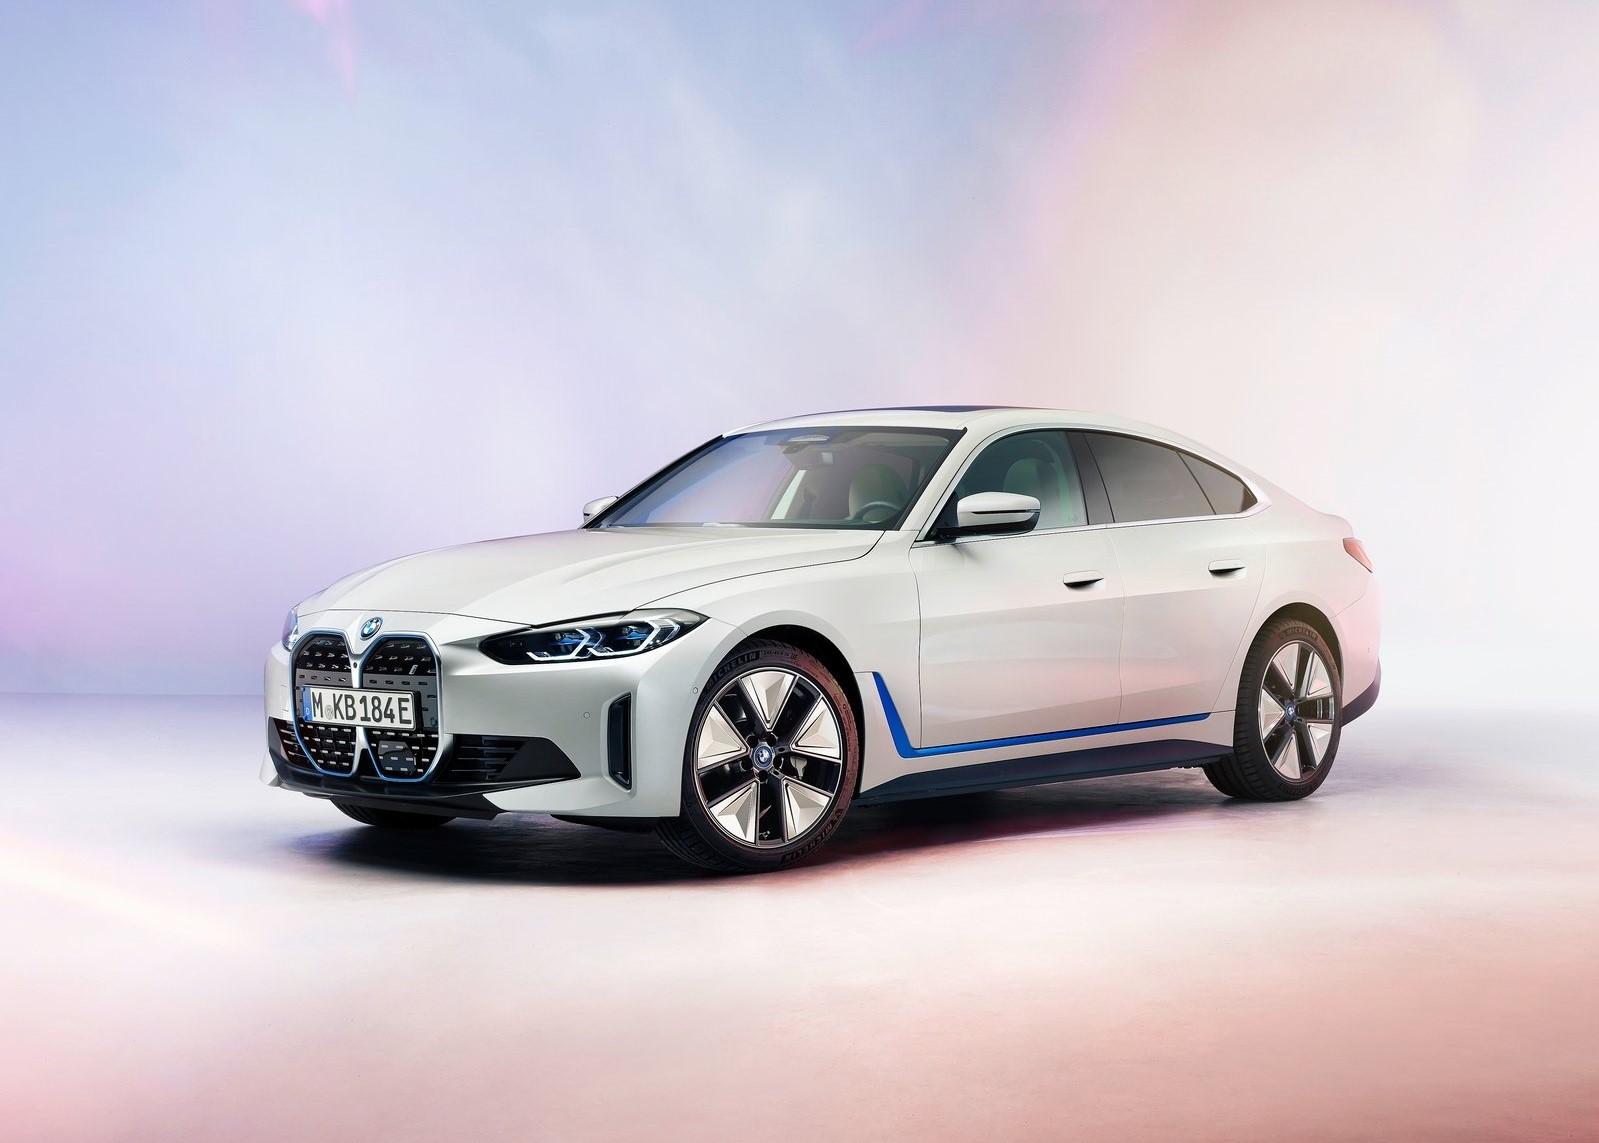 2021년 독일인들의 자동차 브랜드 이미지 조사 결과